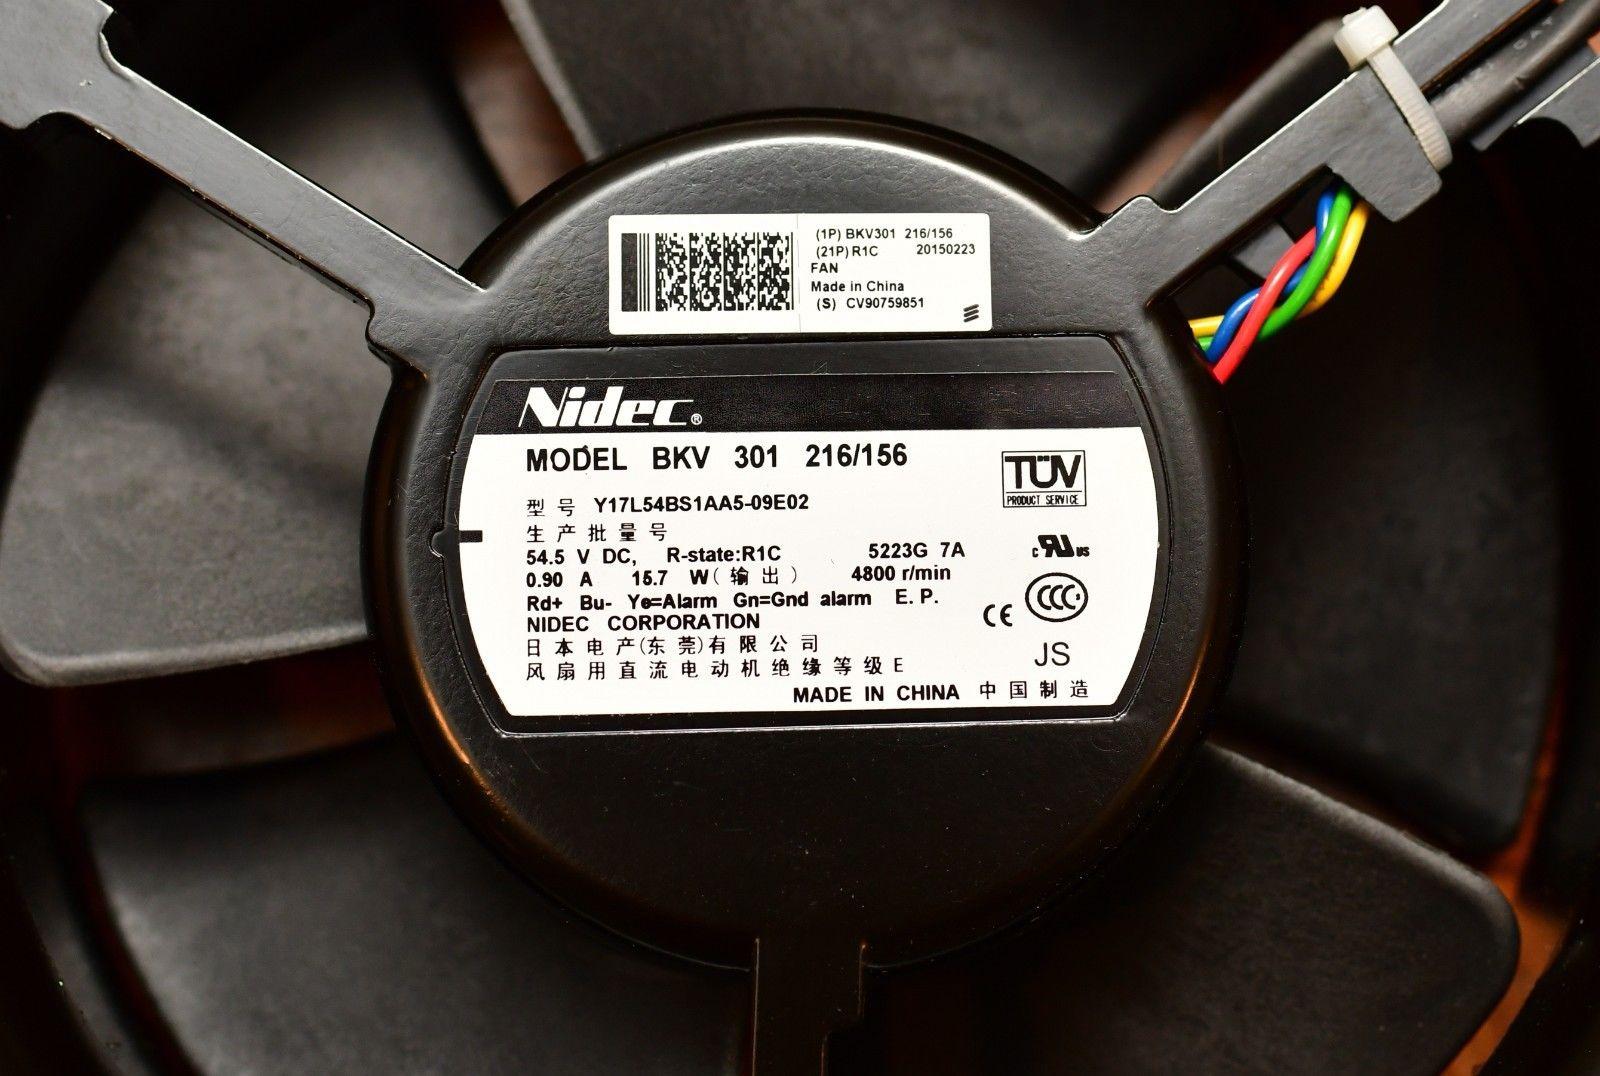 Nidec Pública 301 216/156 Y17L54BS1AA5-09E02 4800 fã RPM 54.5V DC